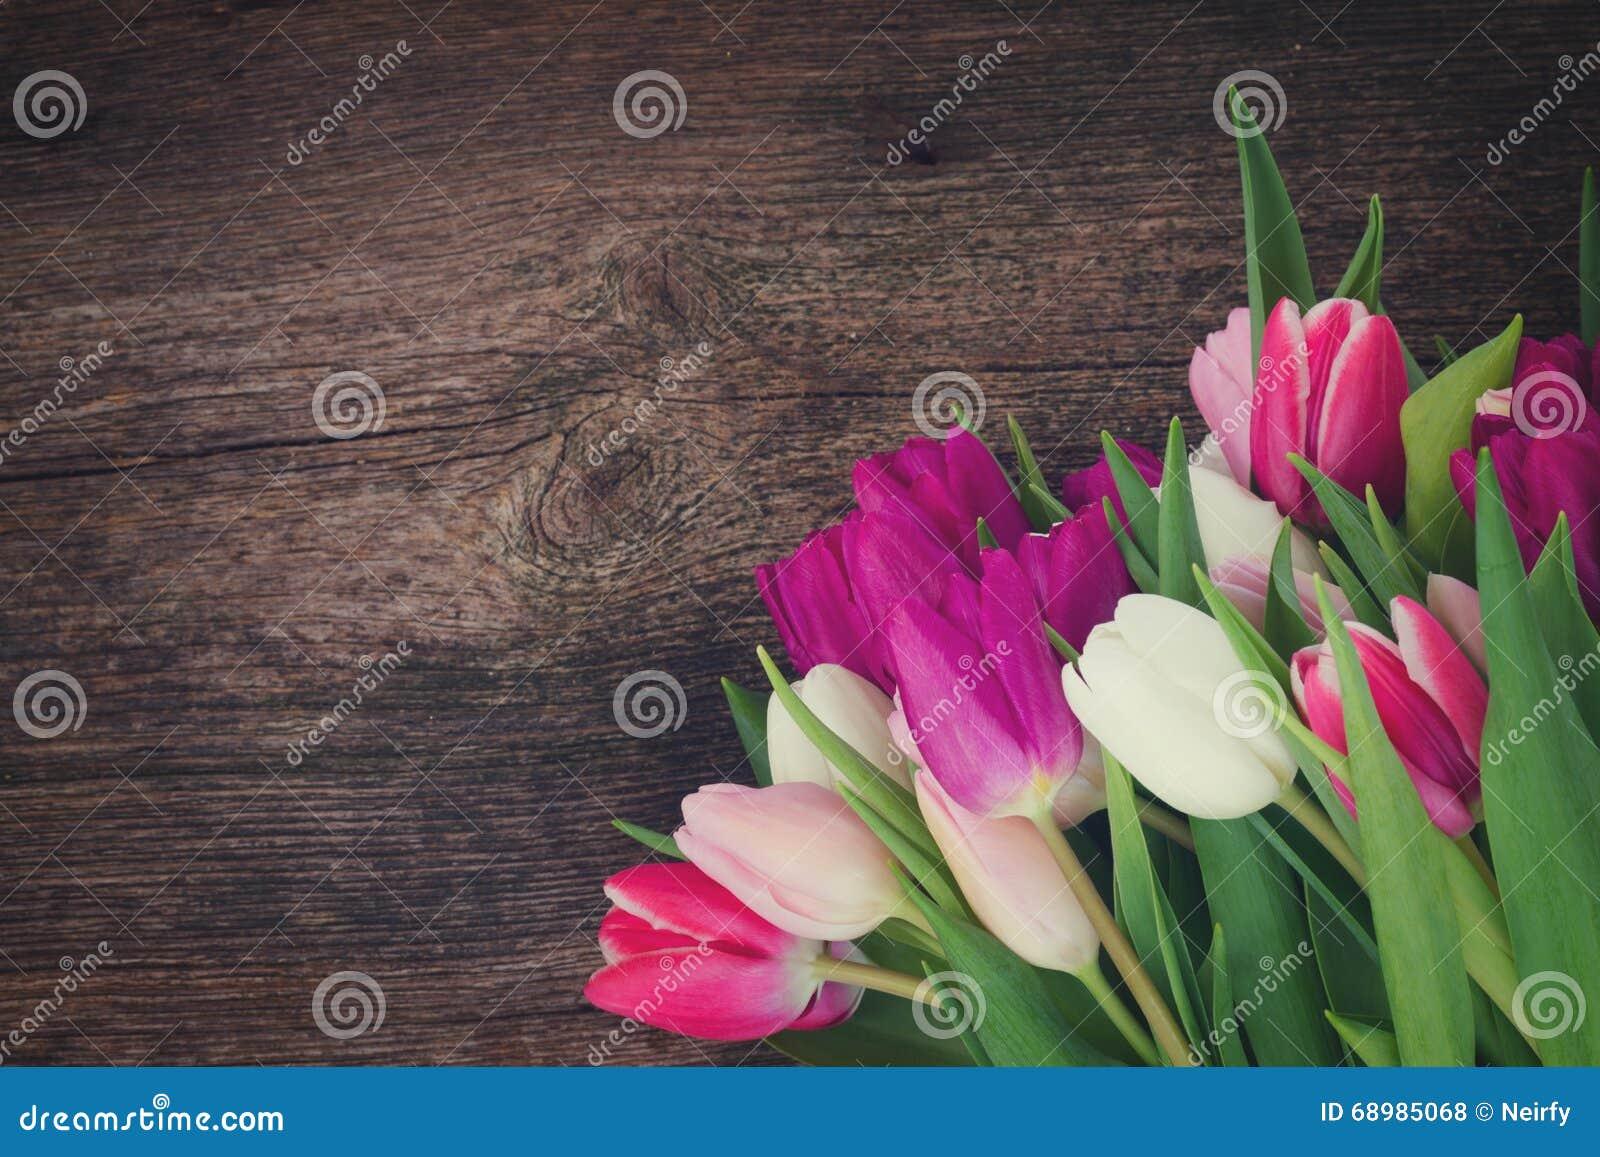 Ramo de tulipanes rosados, púrpuras y blancos